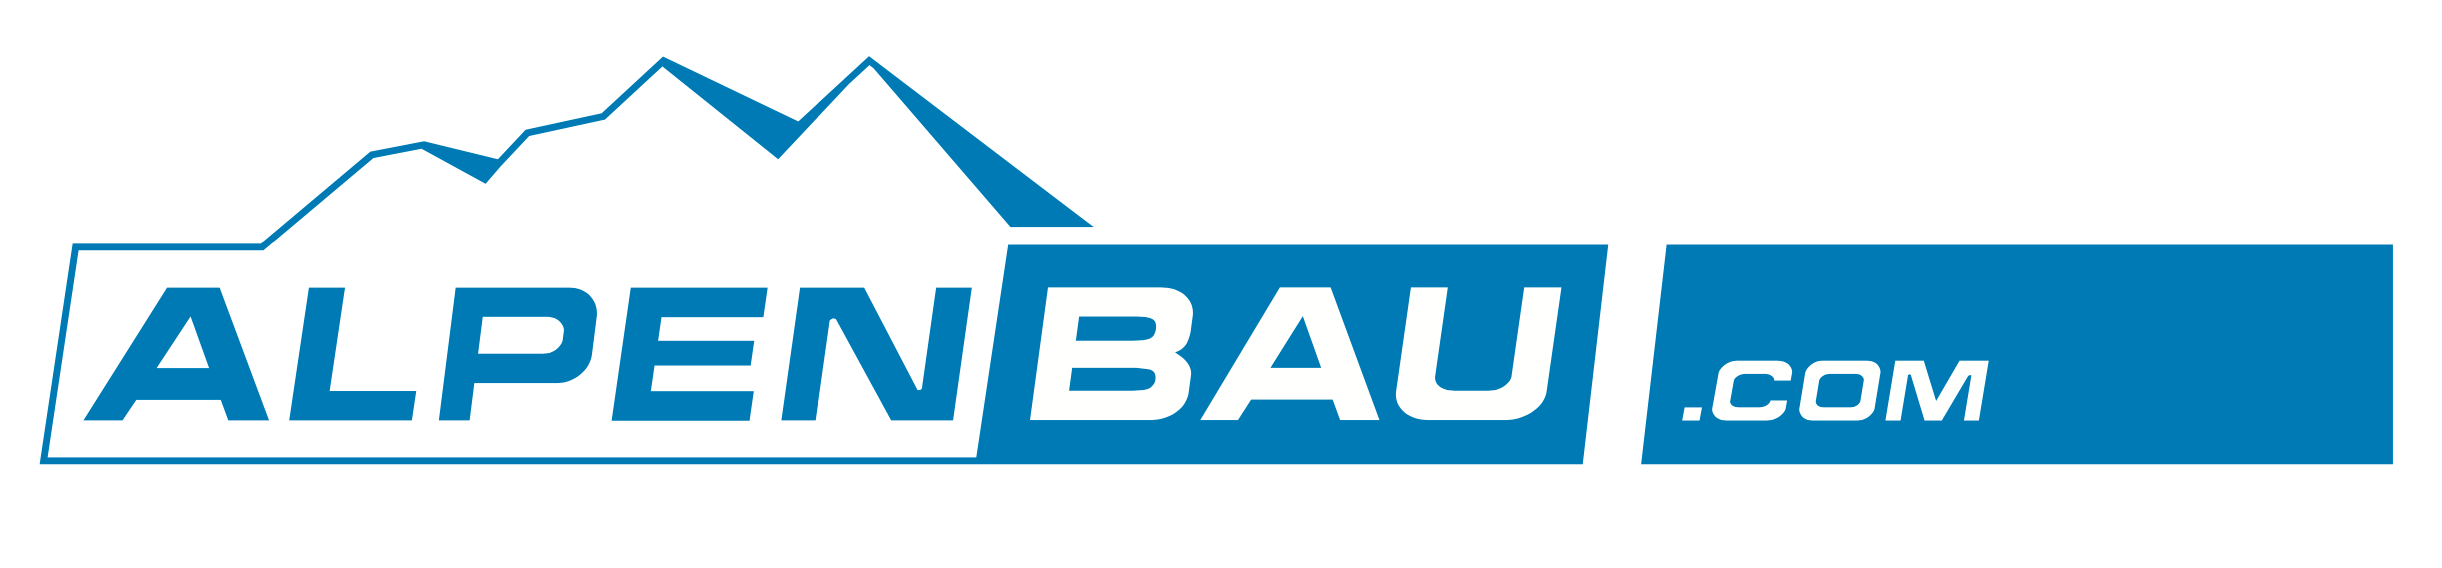 Alpenbau GmbH - Baufirma, Tiefbau, Hochbau in Terenten Pustertal